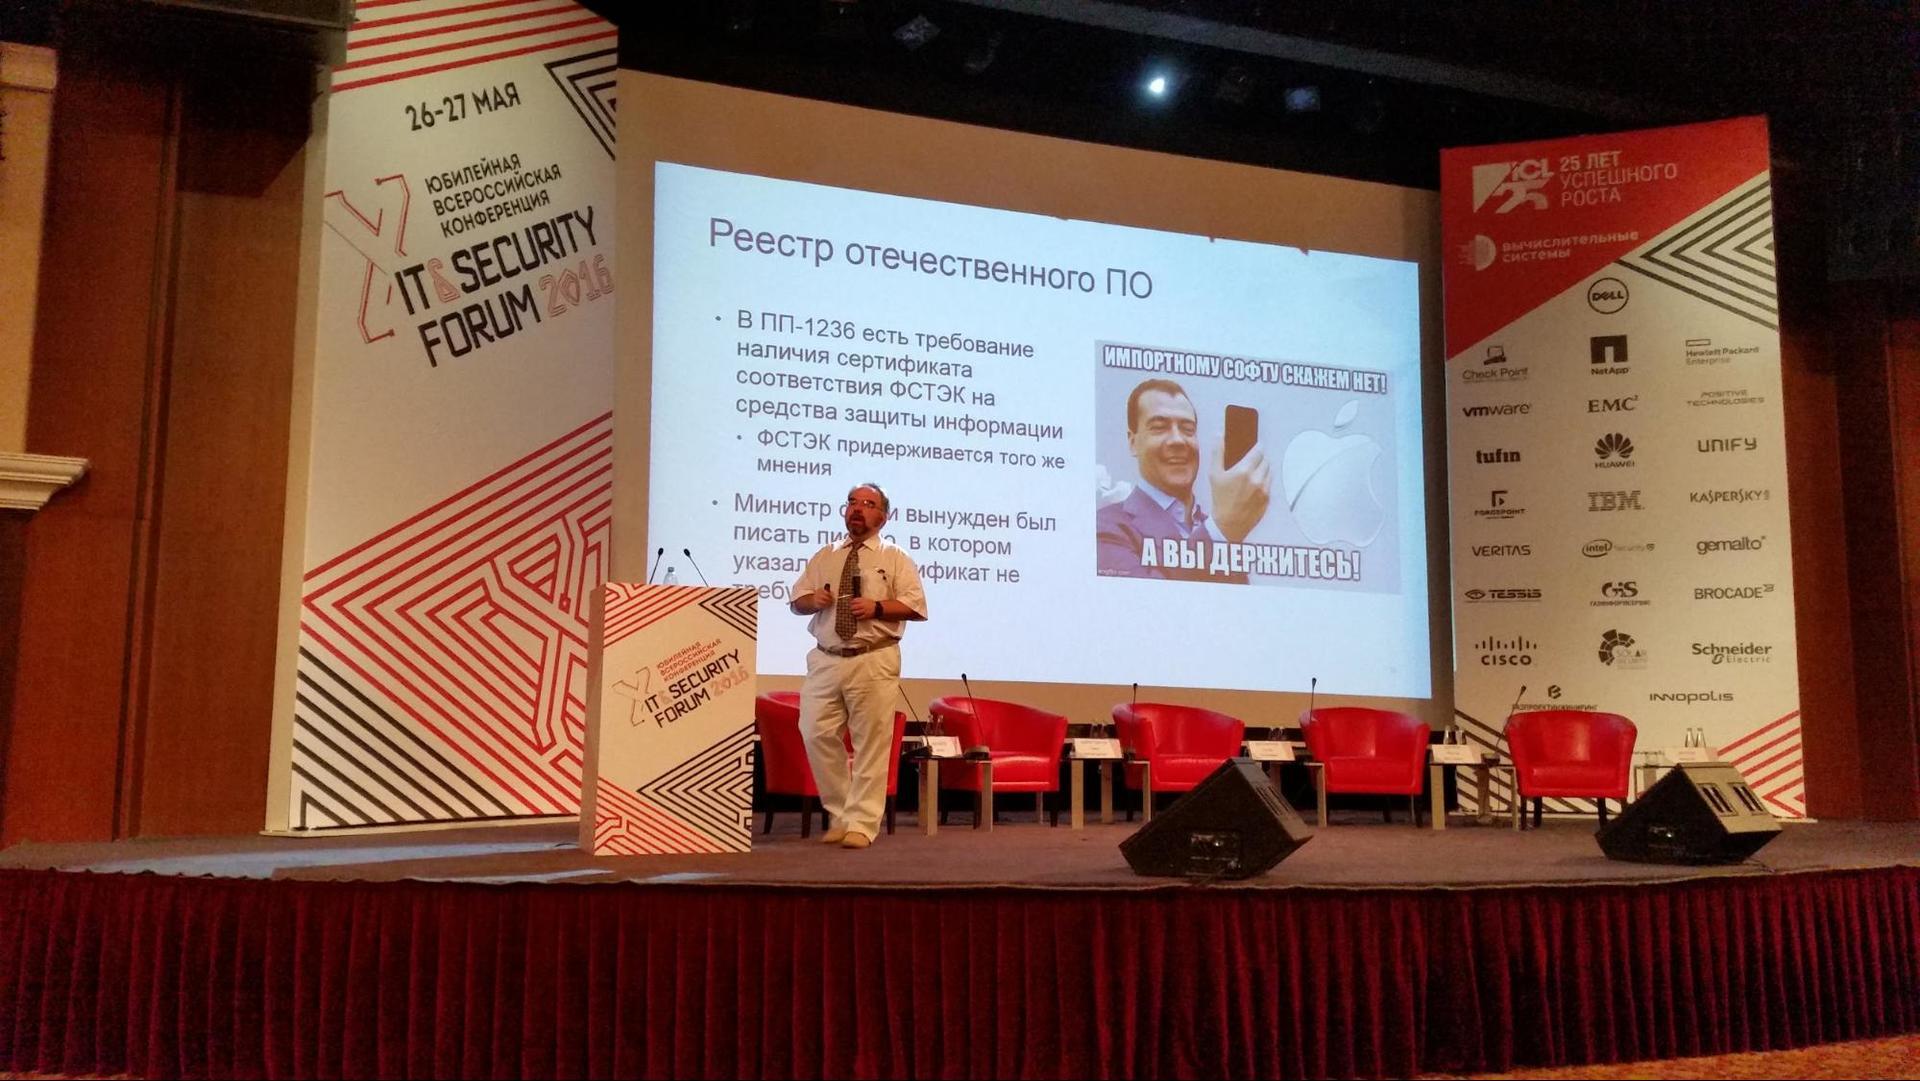 Завершился IT & Security Forum 2016 - 5